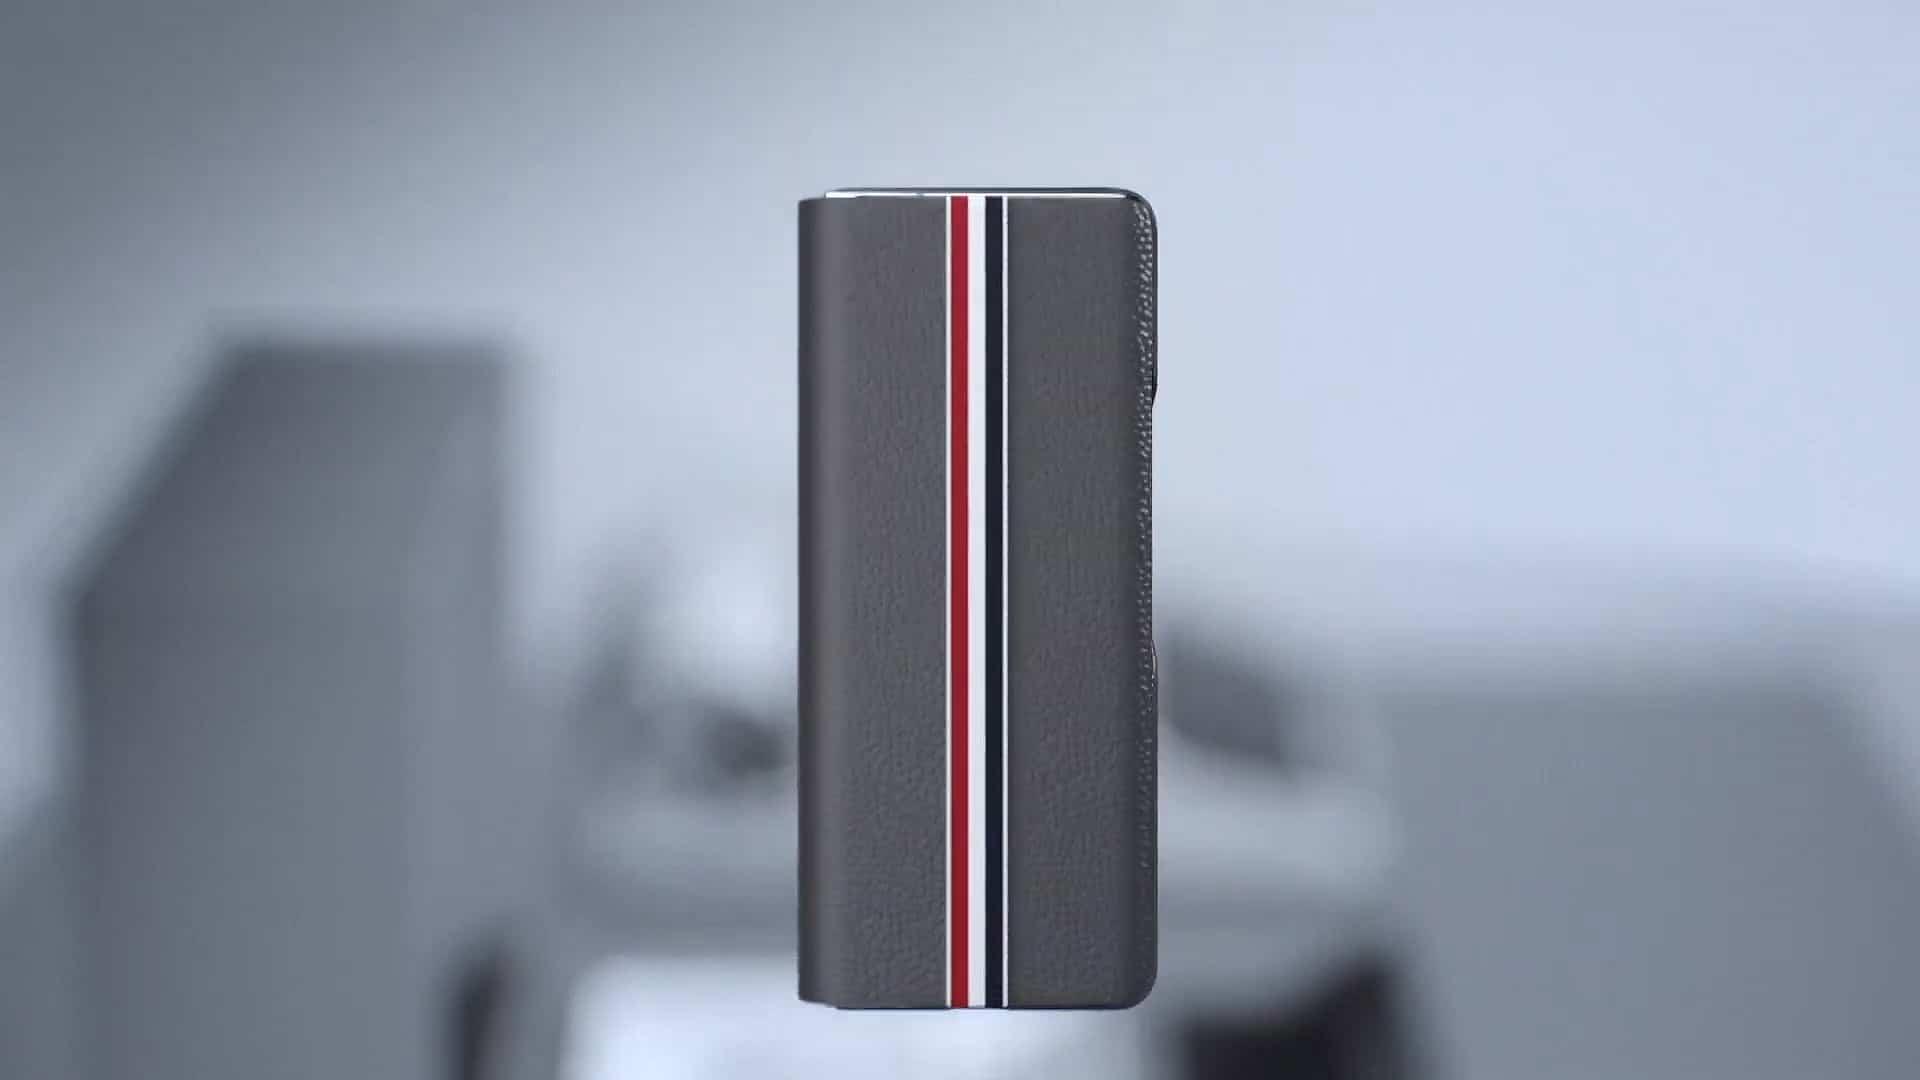 Samsung Galaxy Z Fold 2 Thom Browne Edition 5